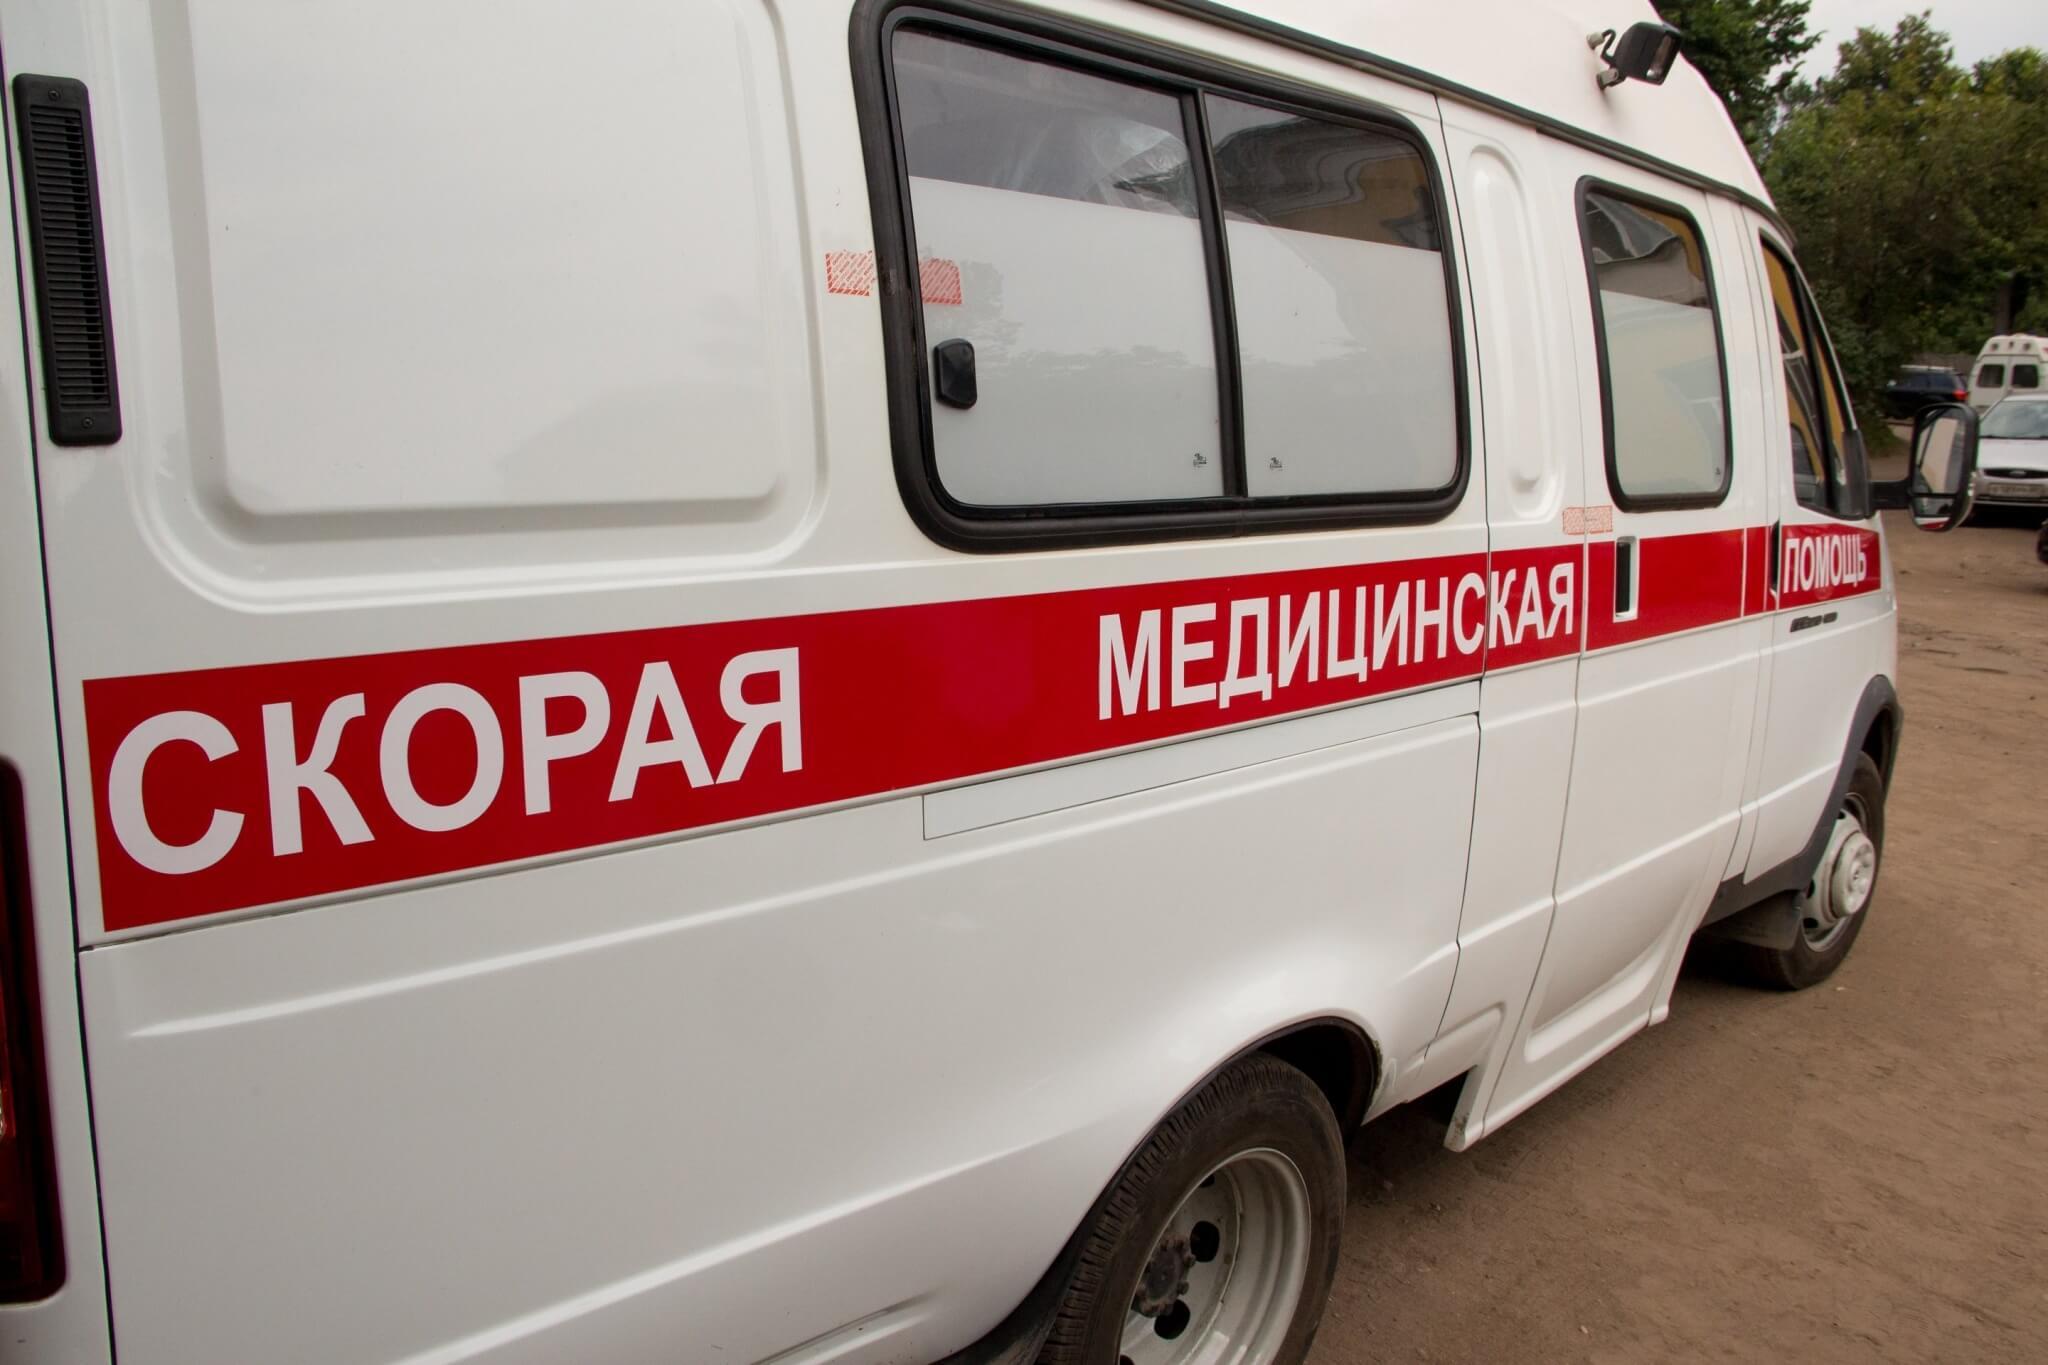 Фото: prov-telegraf.ru